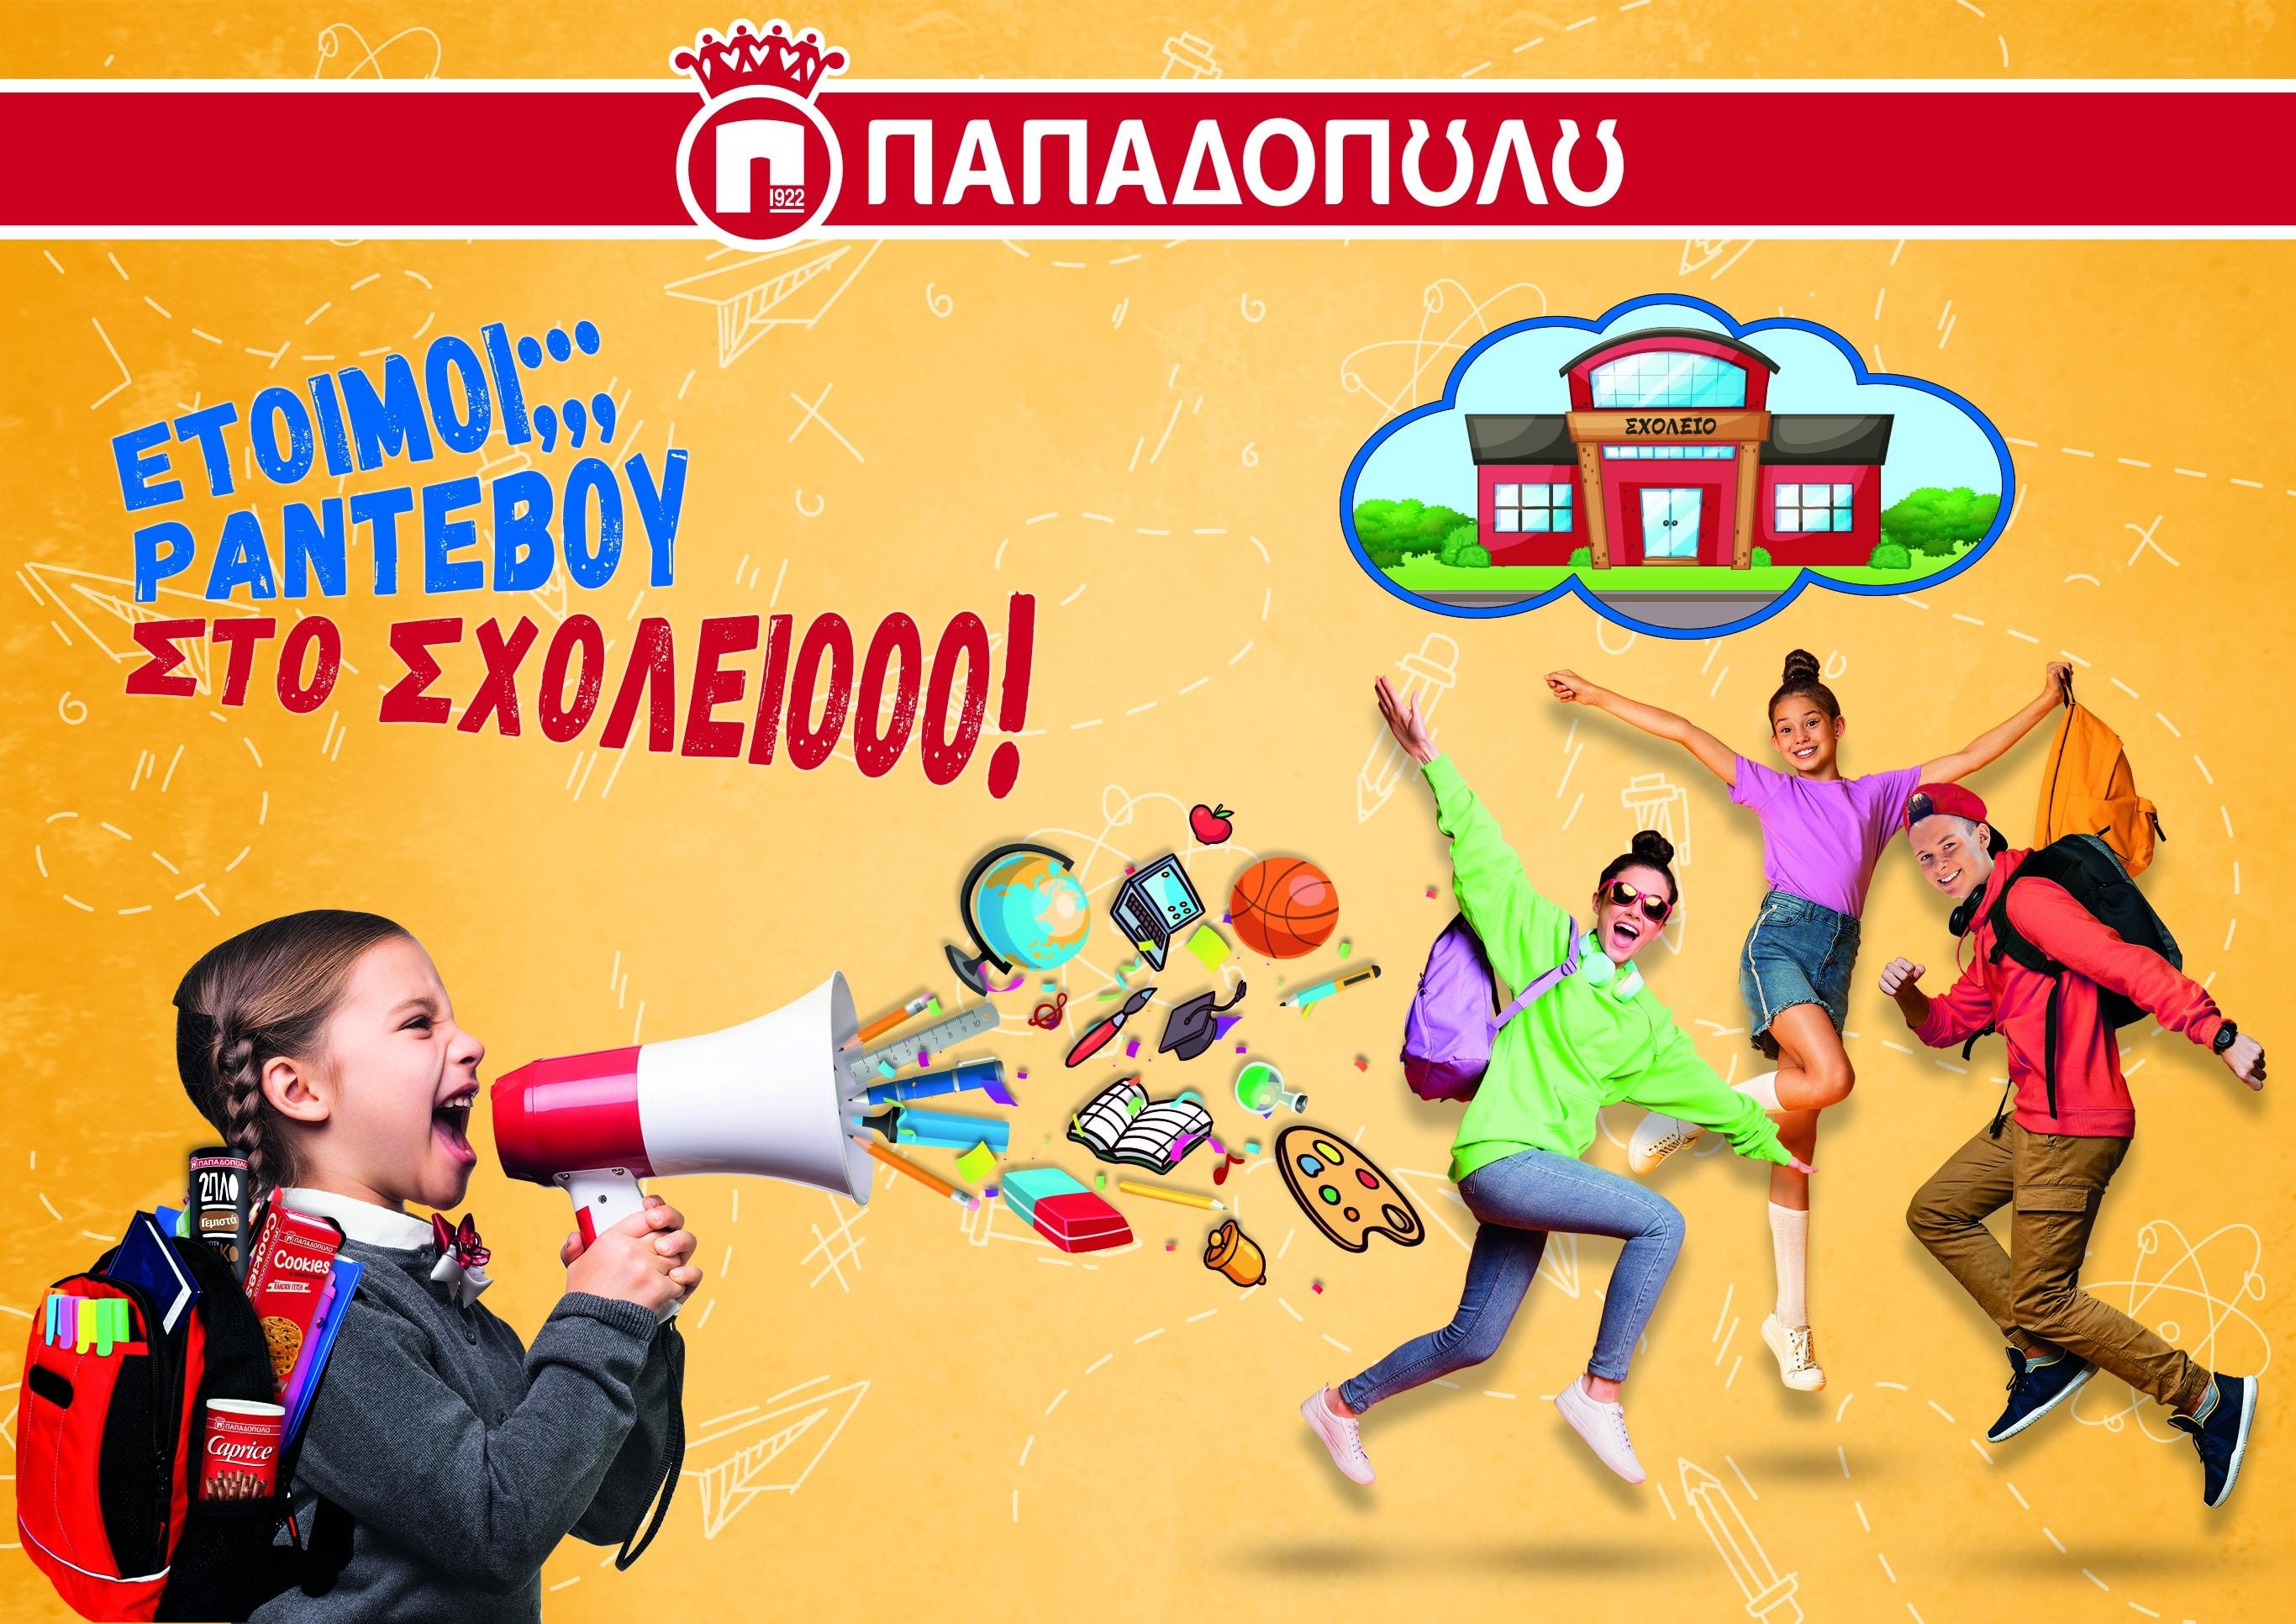 Featured image for Ραντεβού στο Σχολείο, με τα αγαπημένα σας προϊόντα Παπαδοπούλου!